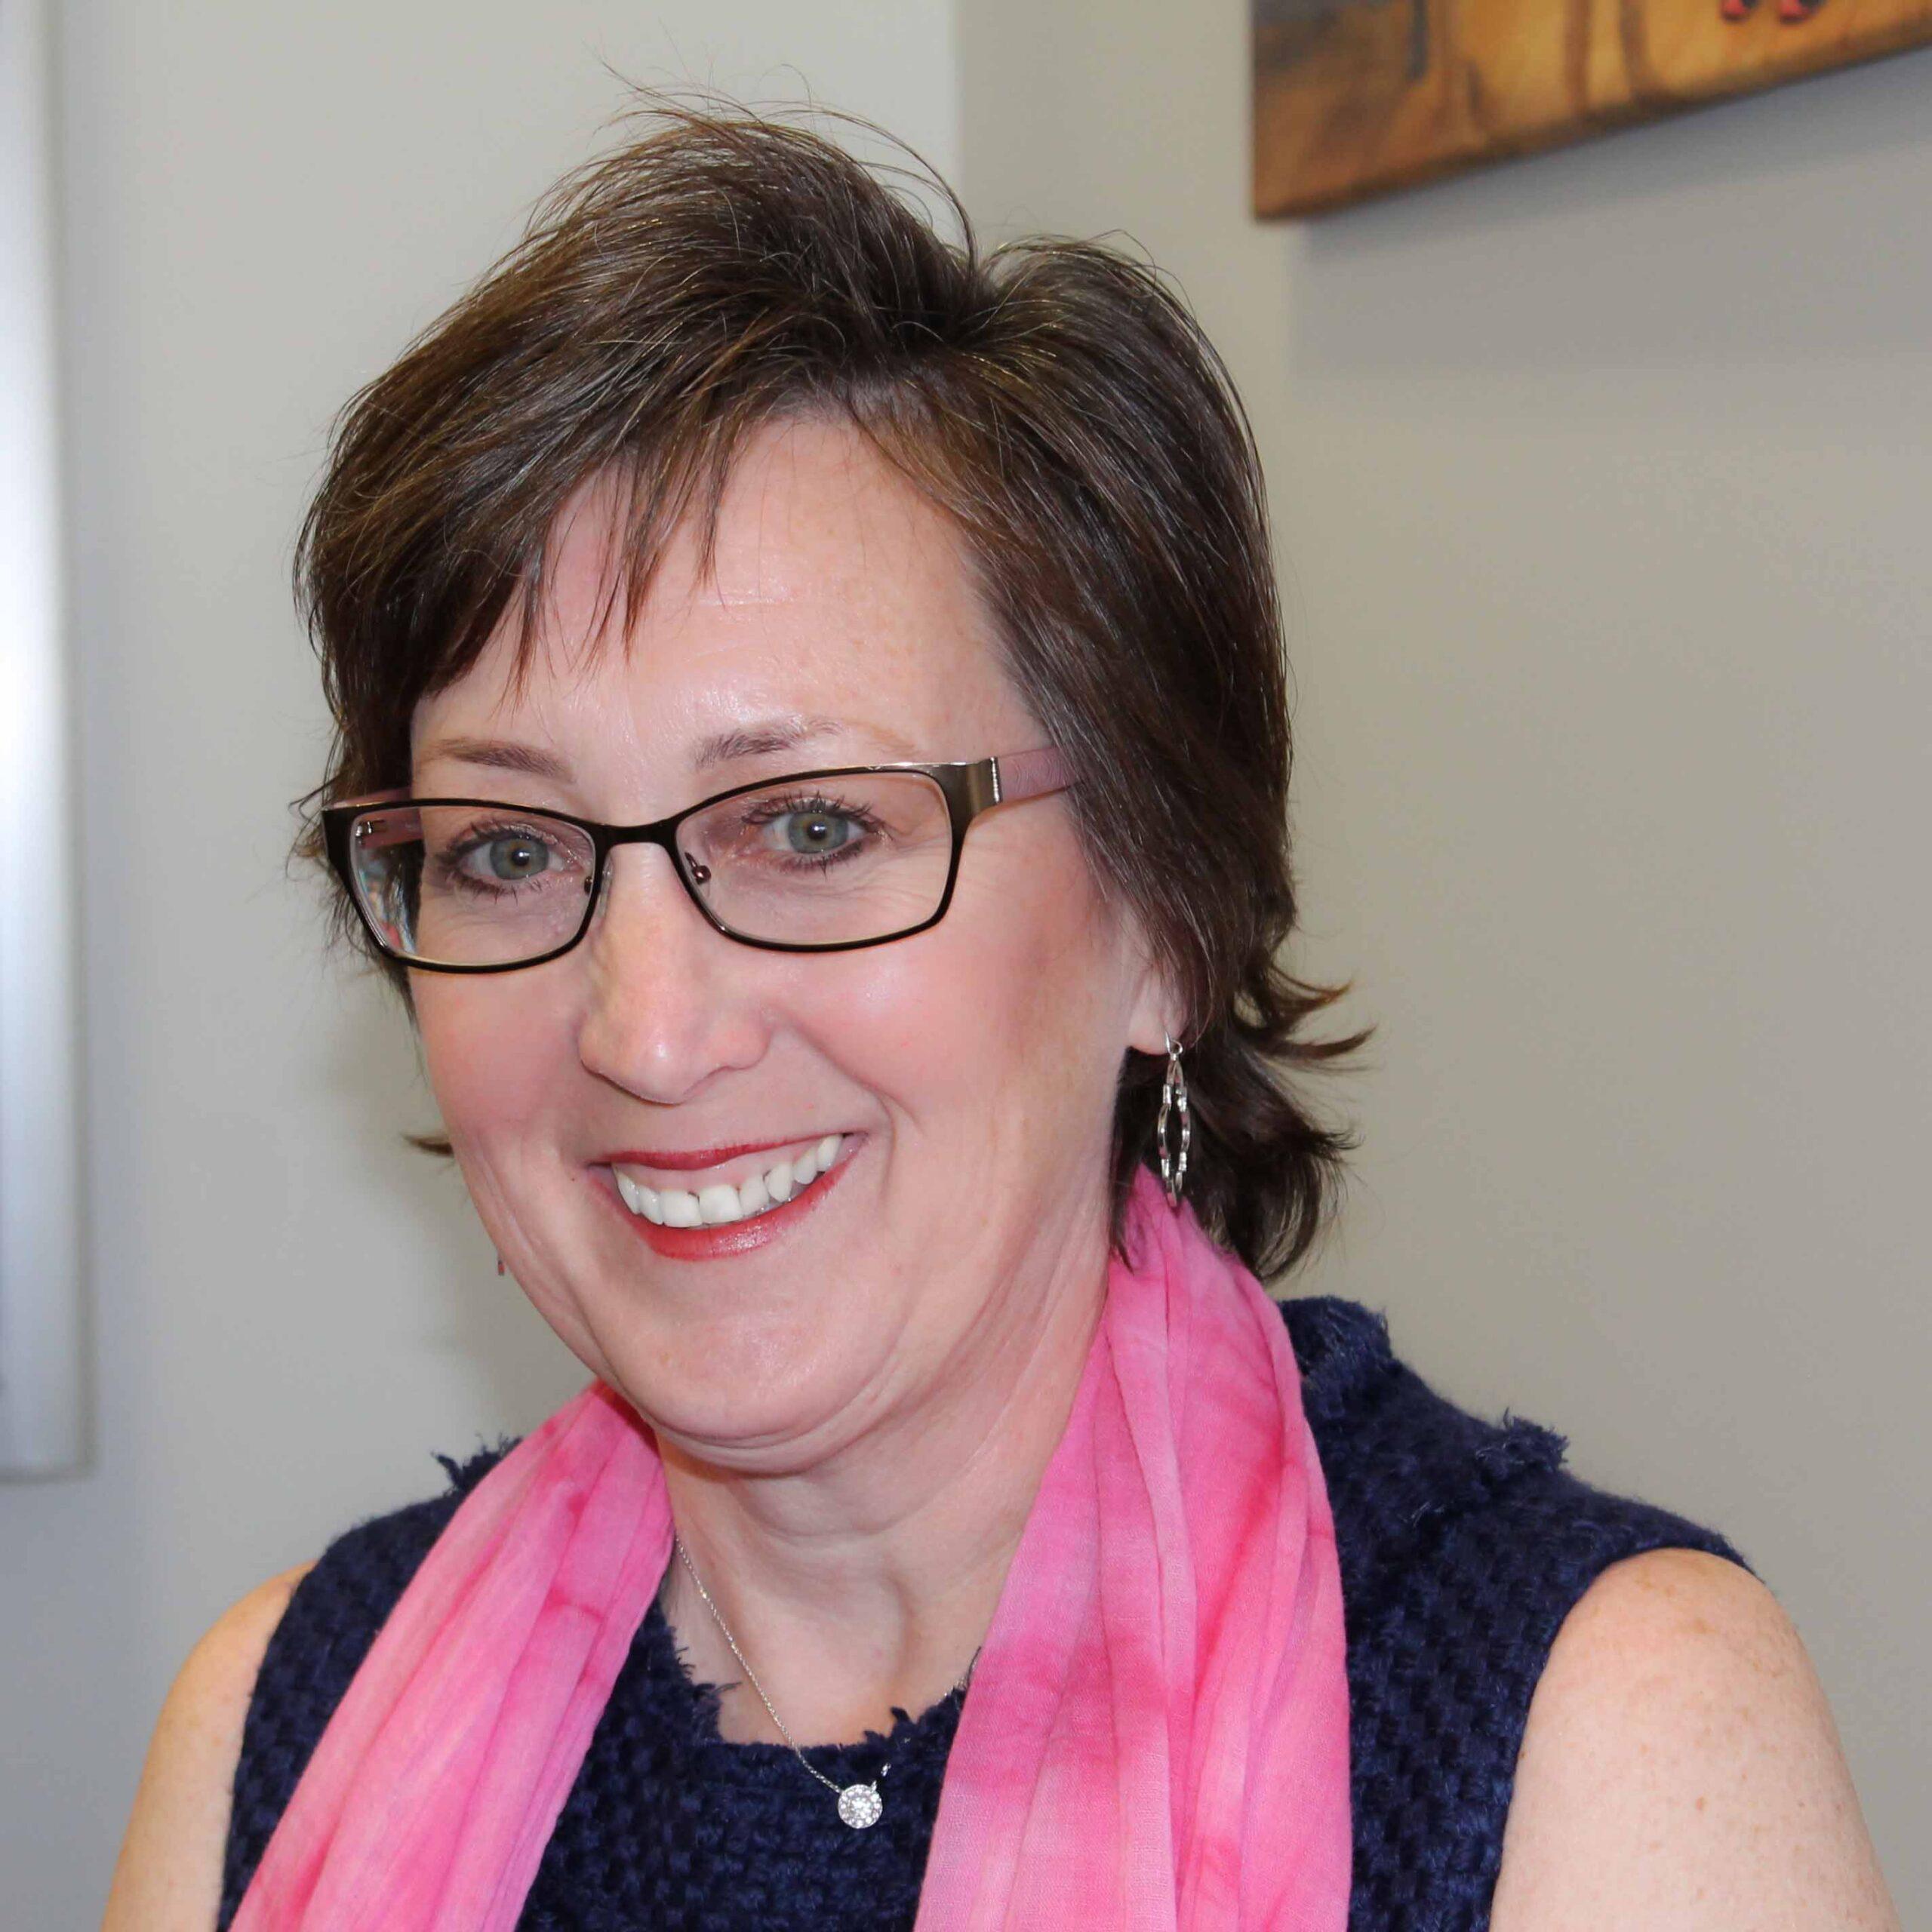 Lynne K headshot